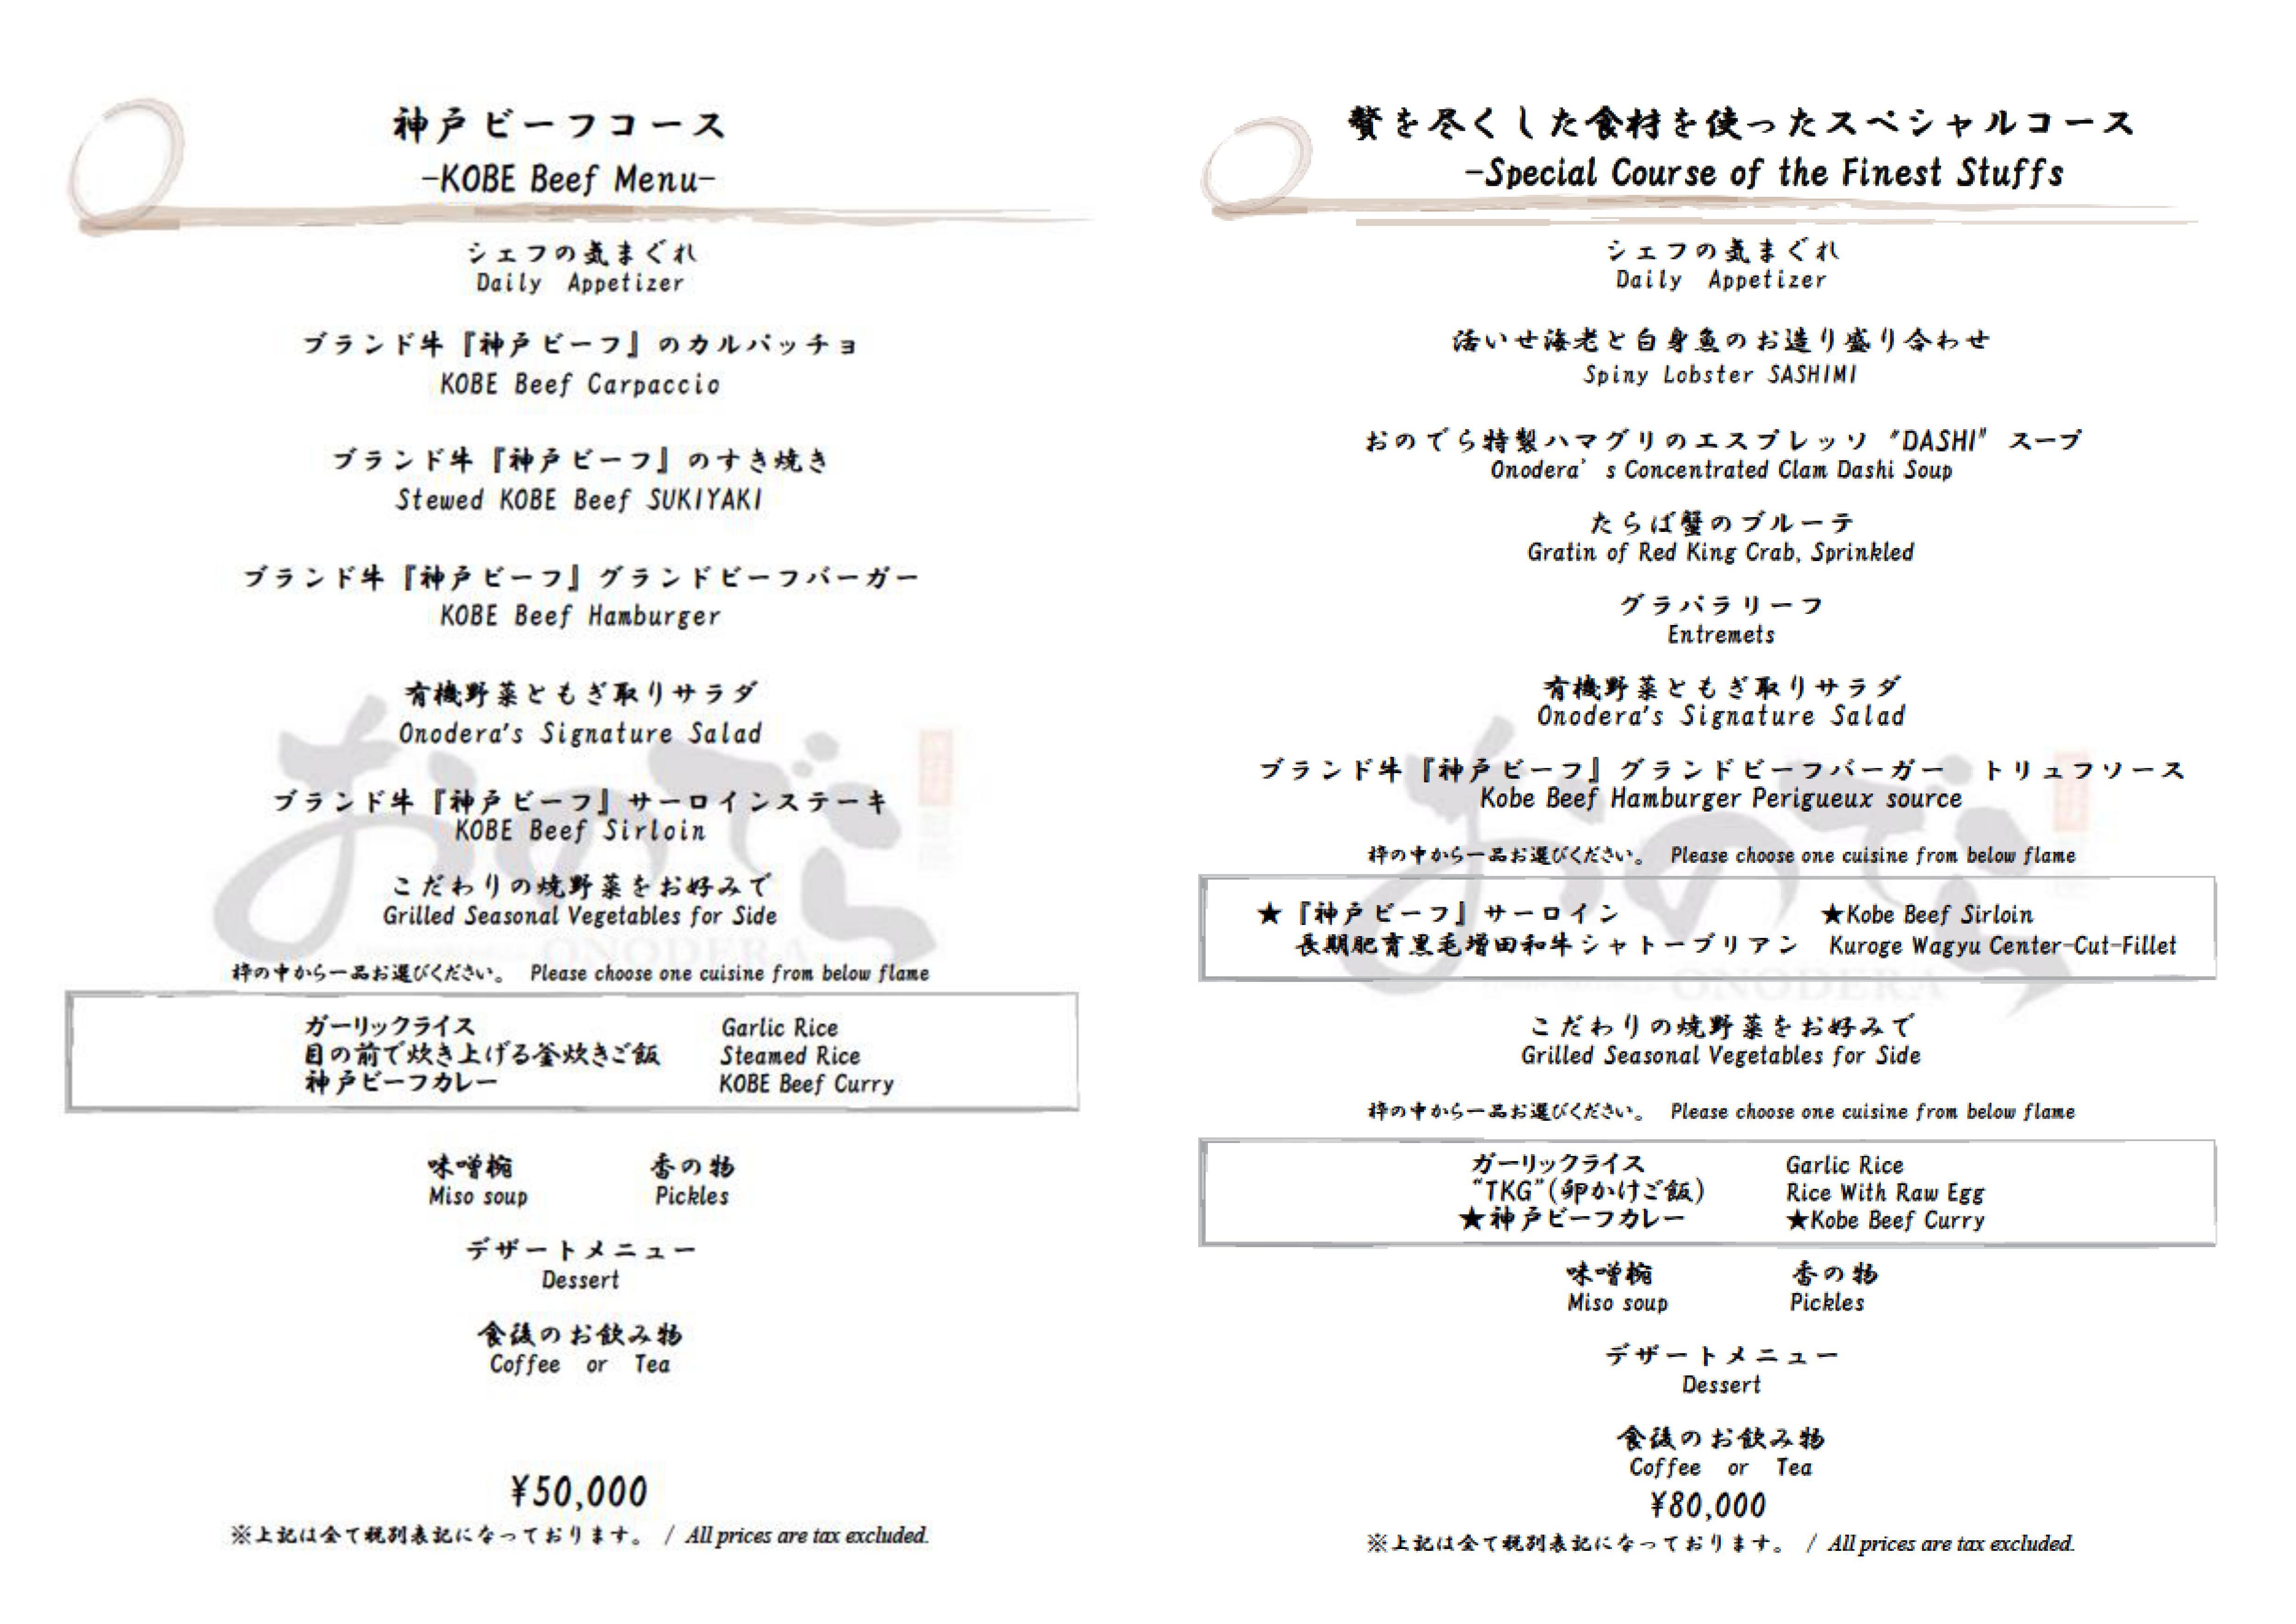 鉄板焼 [銀座店] ディナーメニュー5